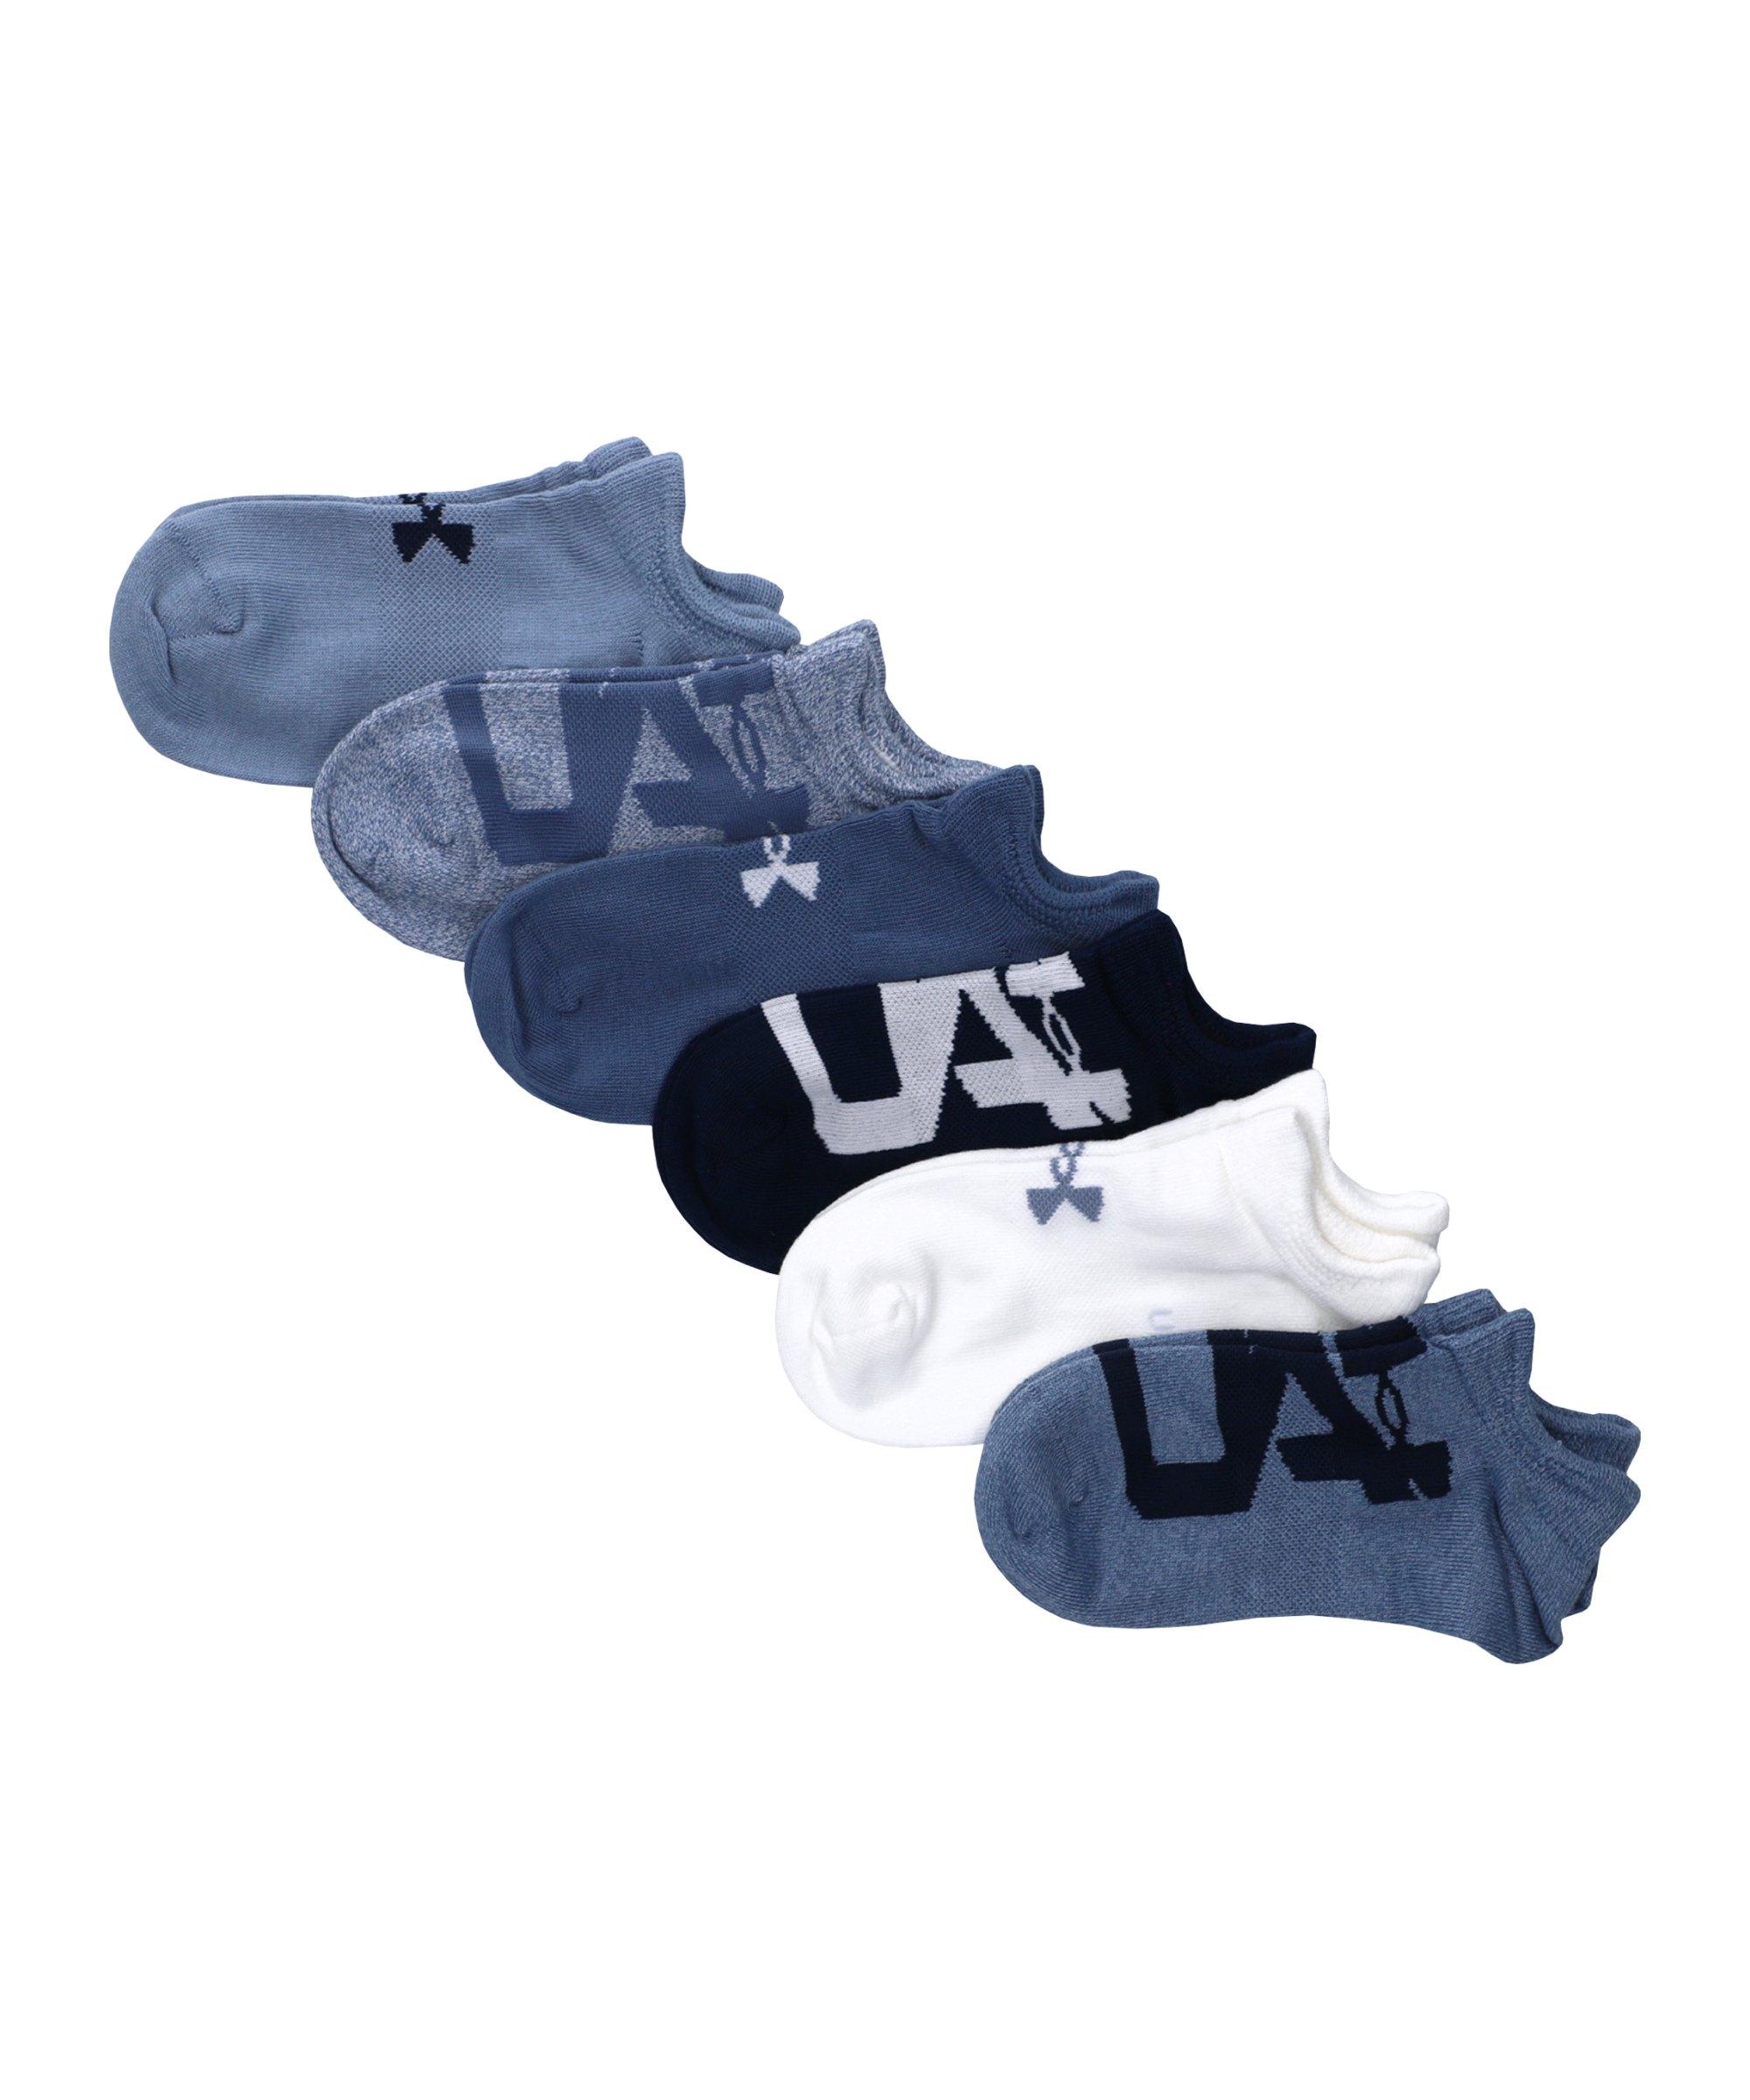 Under Armour Essentials 6er Pack Socken Damen F420 - blau